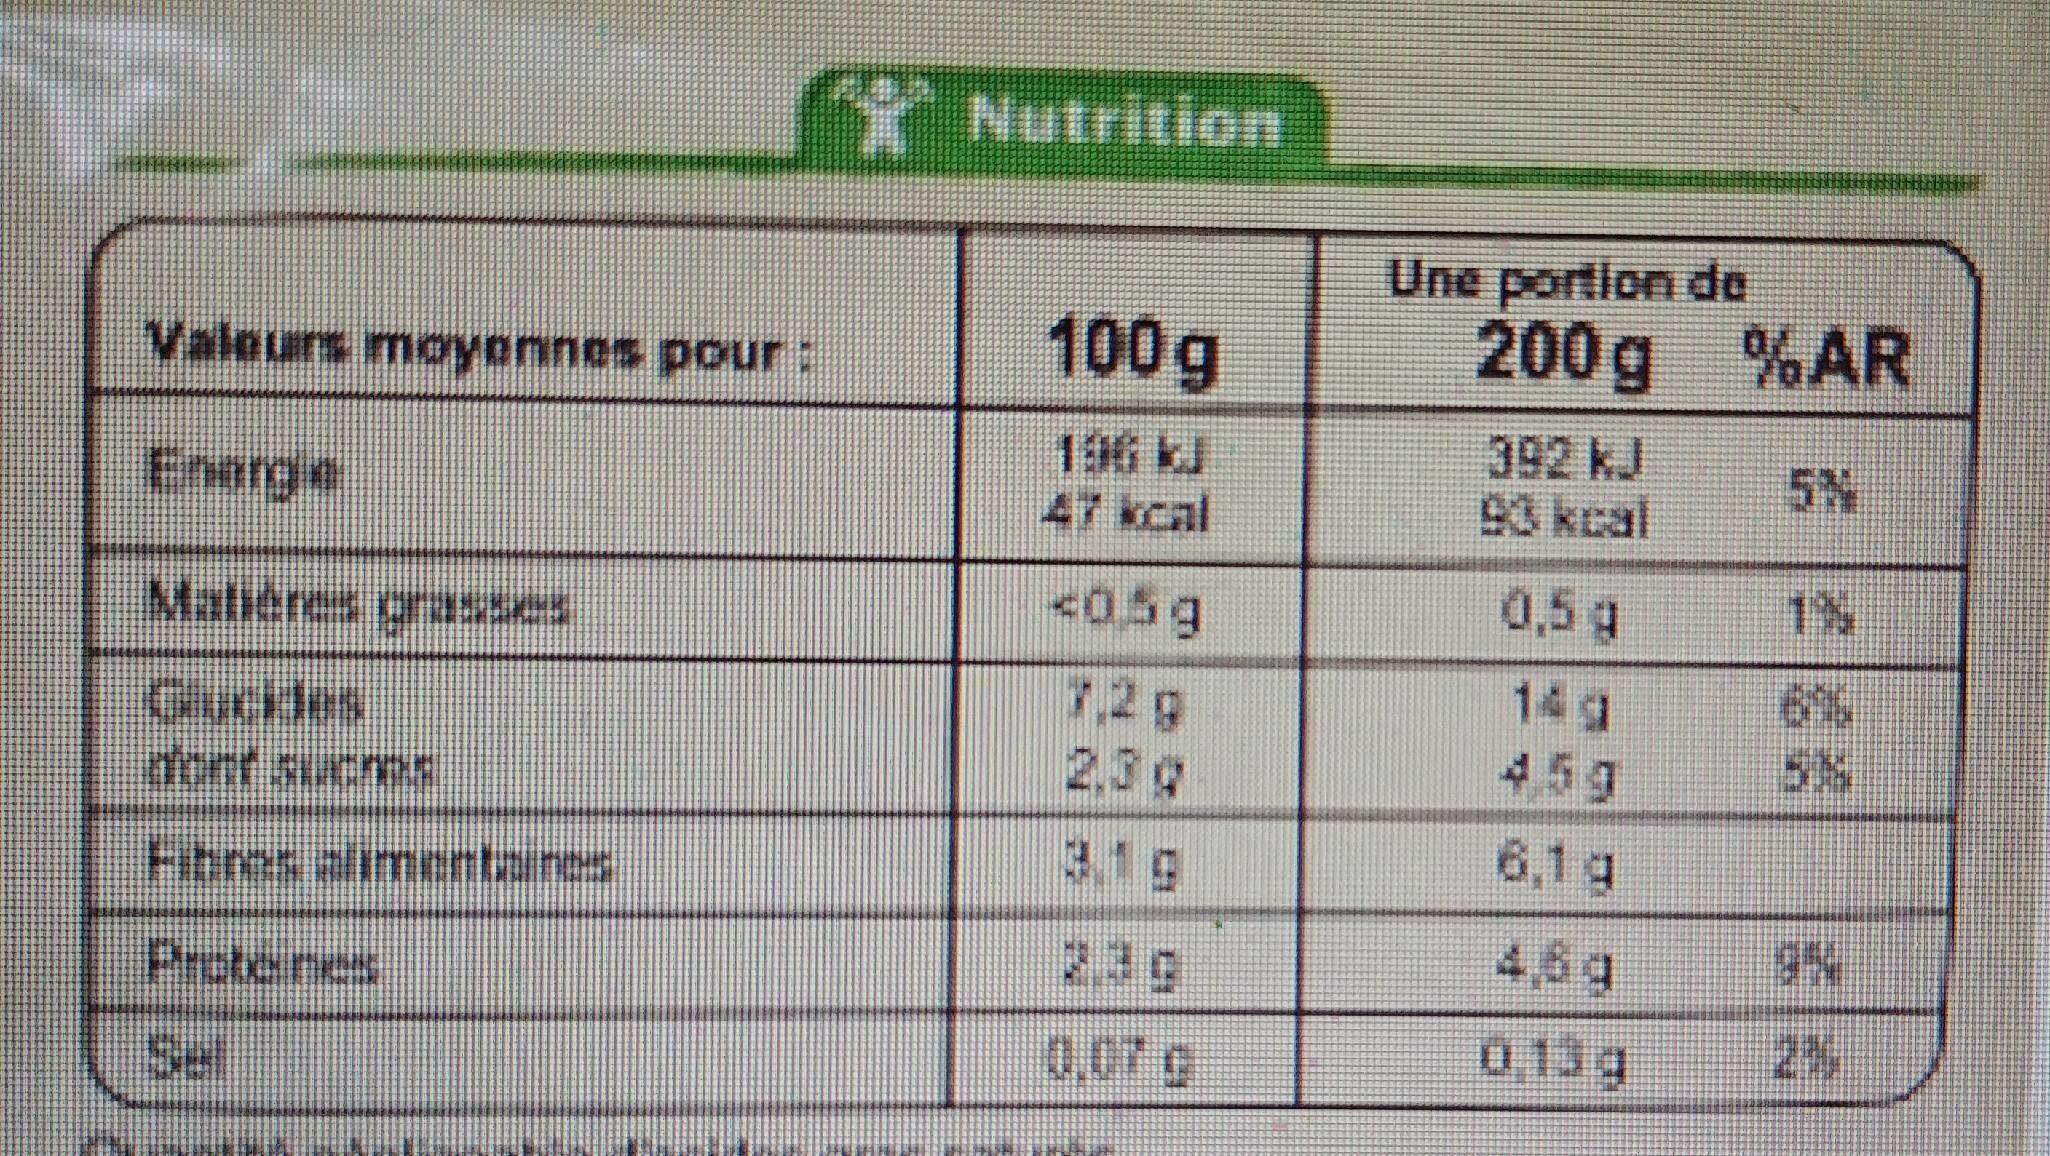 Jardinière de légumes - Informations nutritionnelles - fr